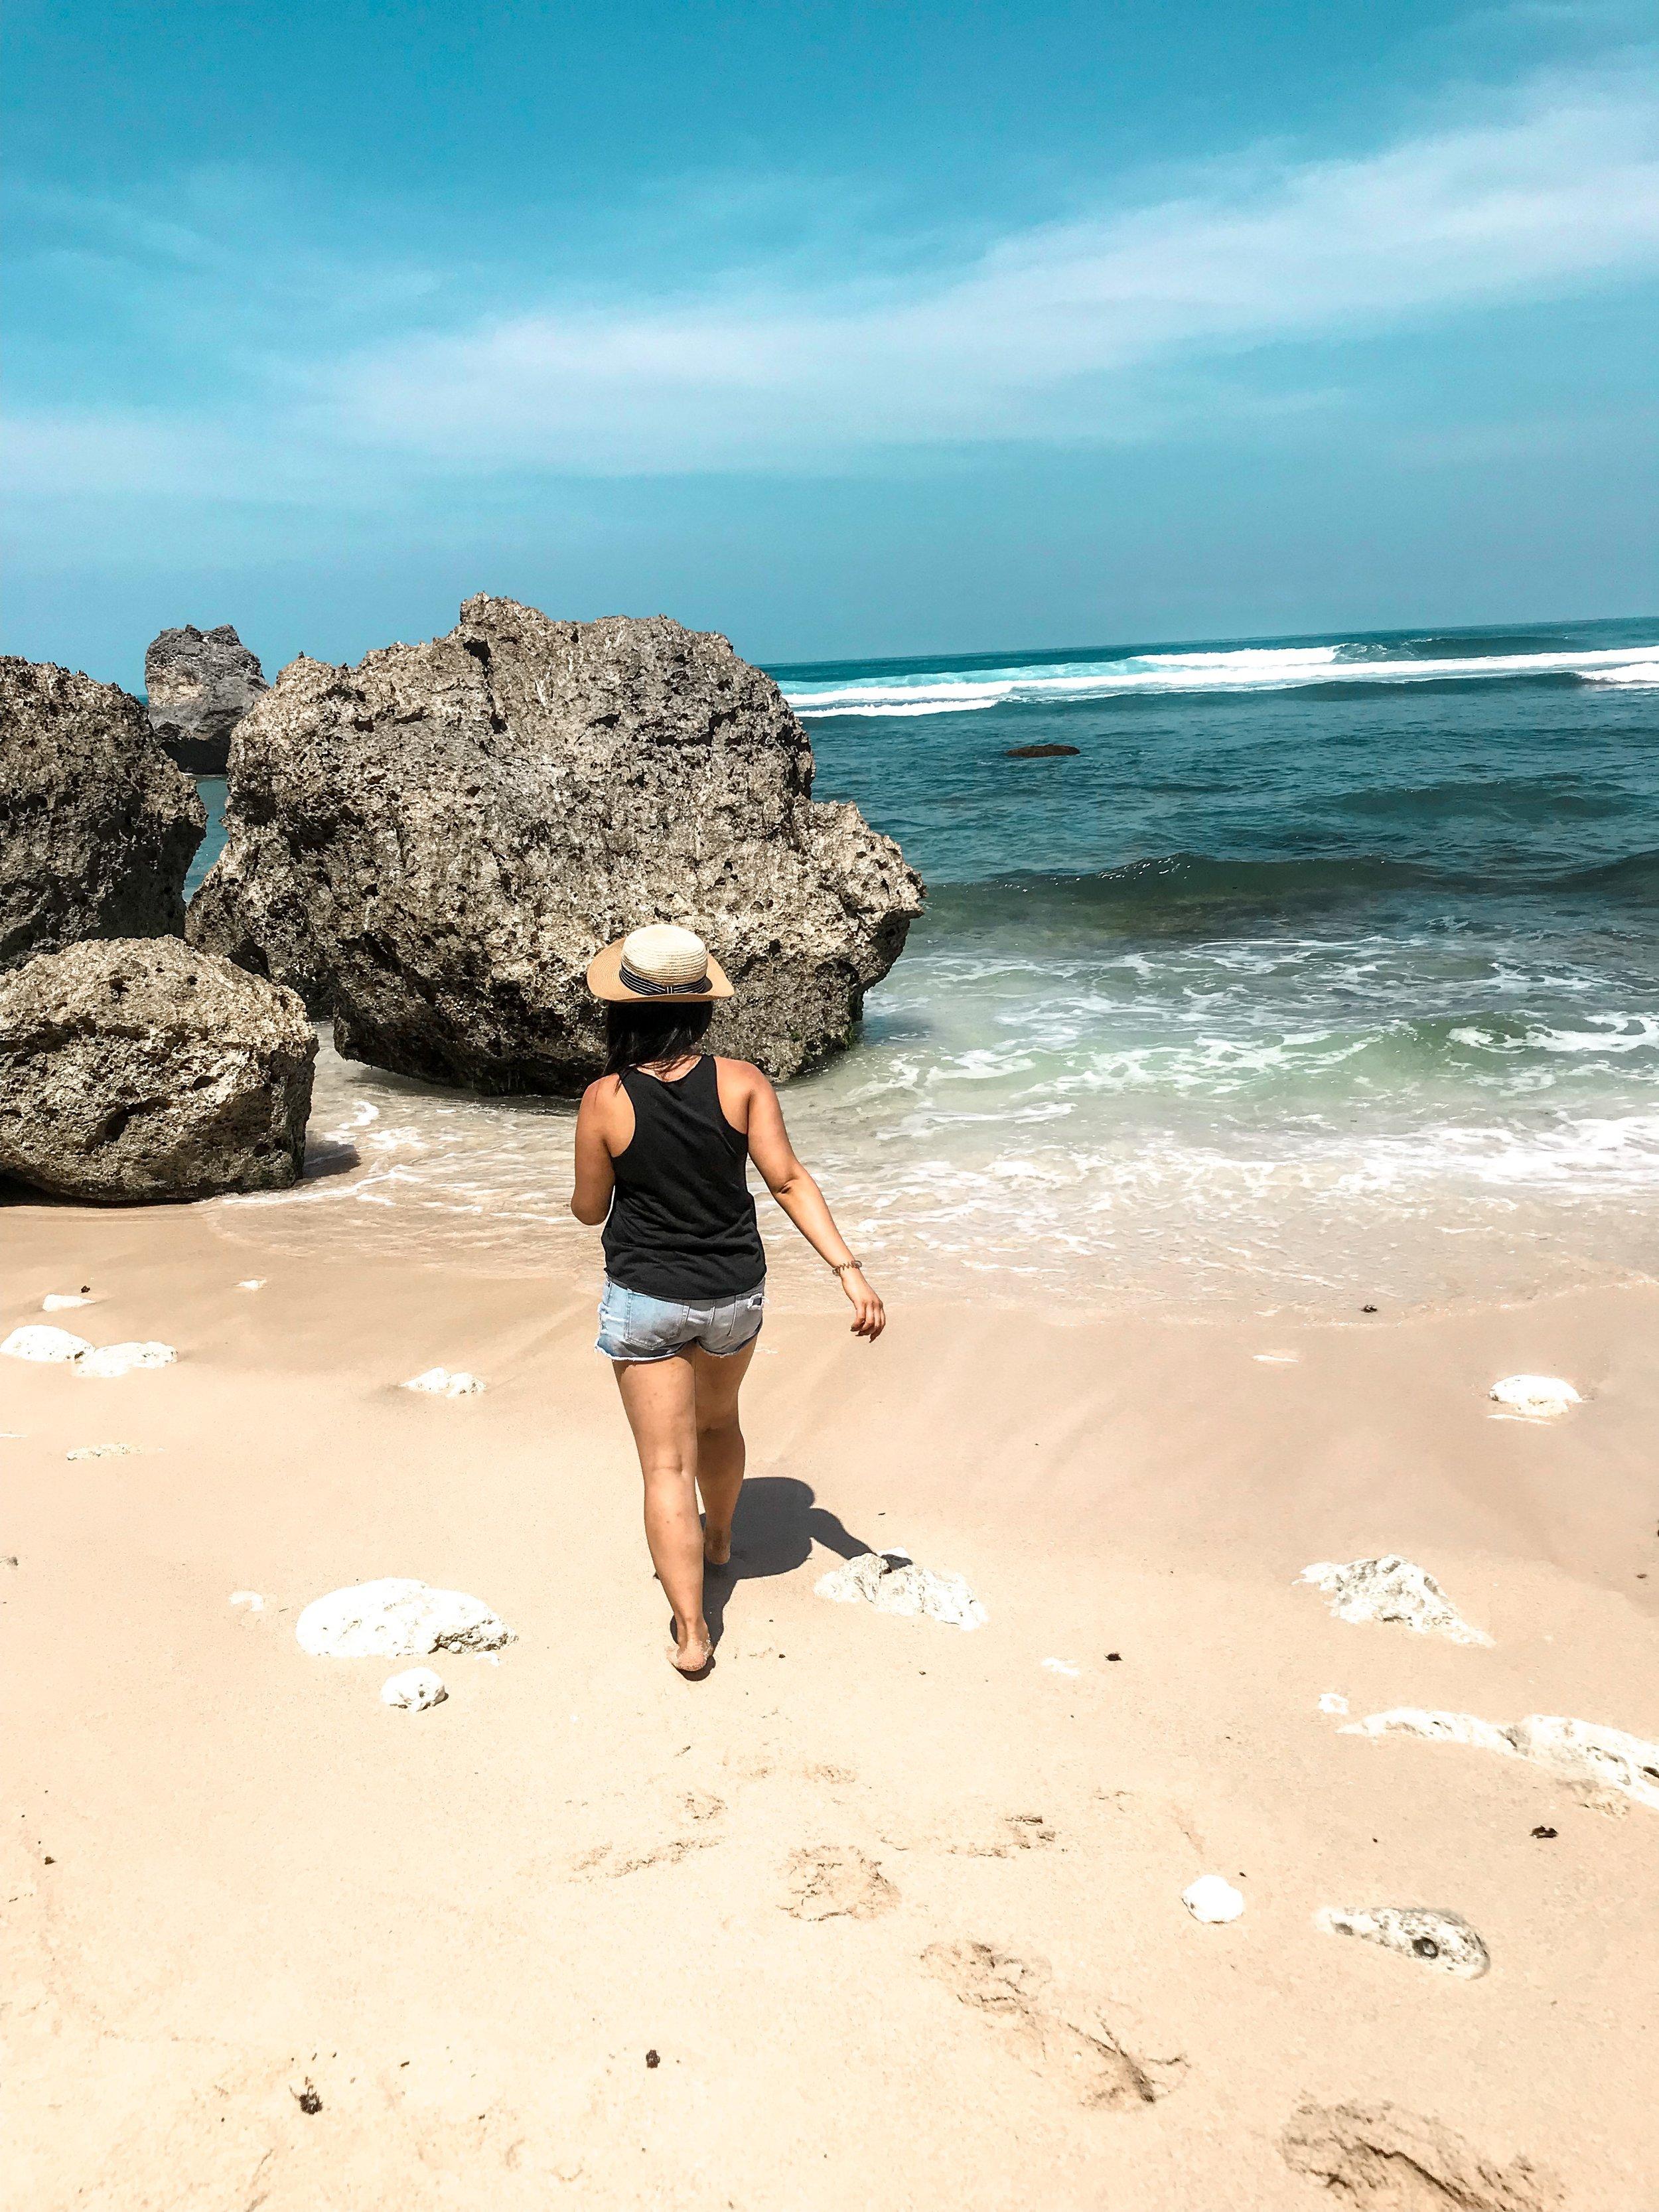 Uluwatu Surf Villa, Uluwatu, October 2018 Ⓒ Not So Basic Life